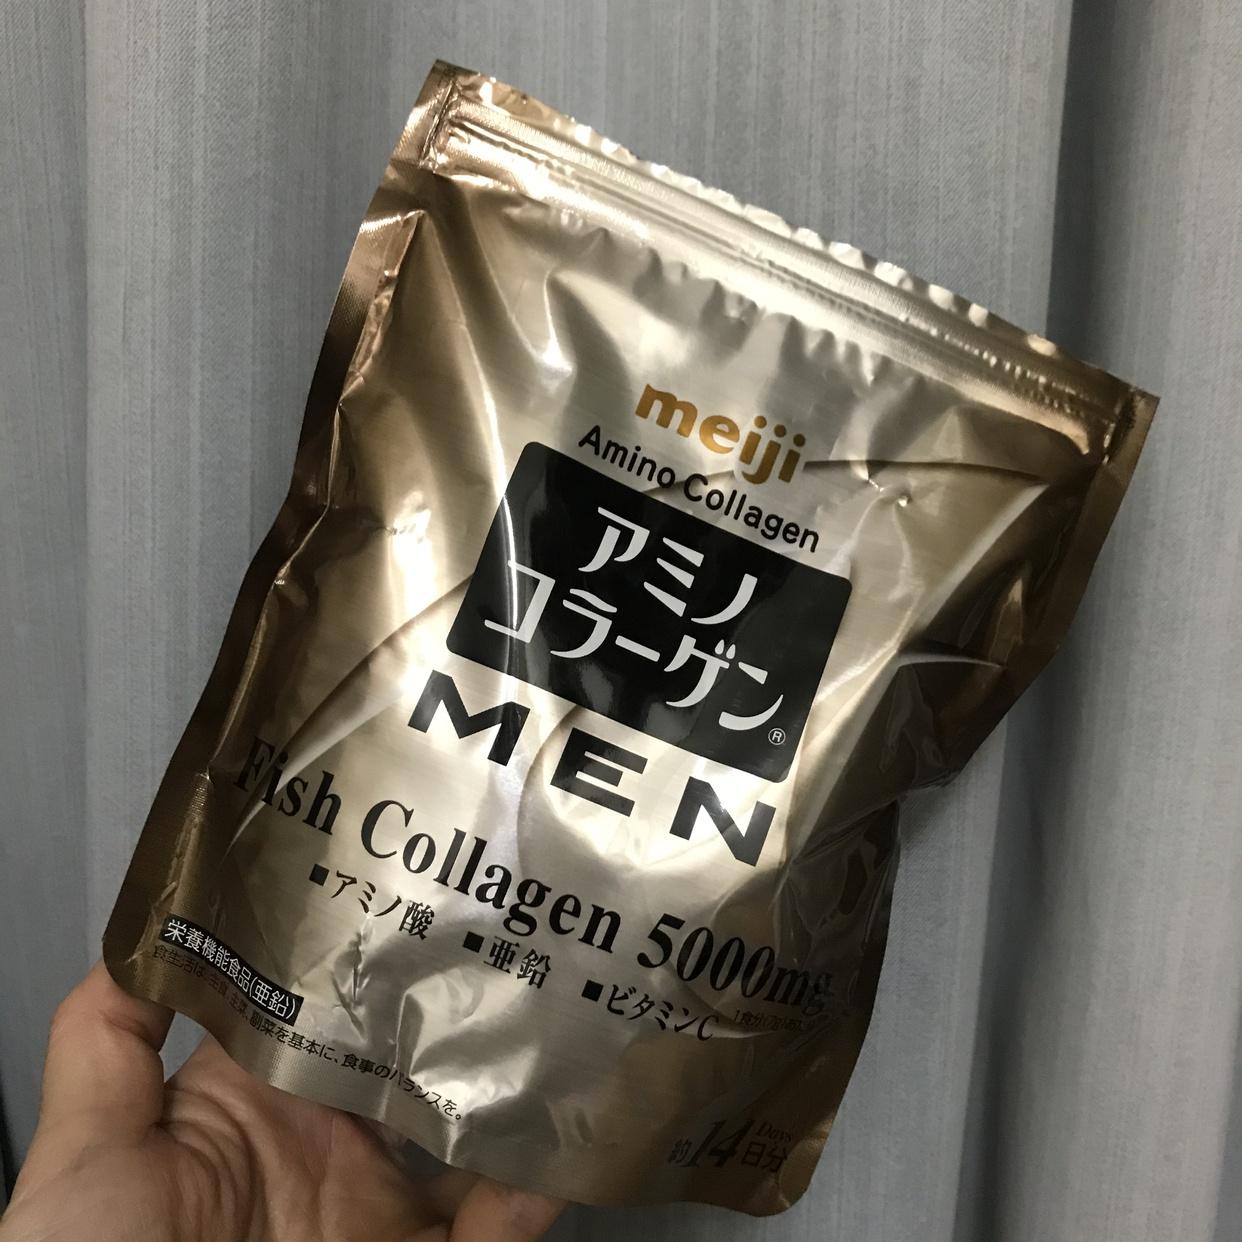 明治(meiji)アミノコラーゲン MENを使ったkannyaさんのクチコミ画像1